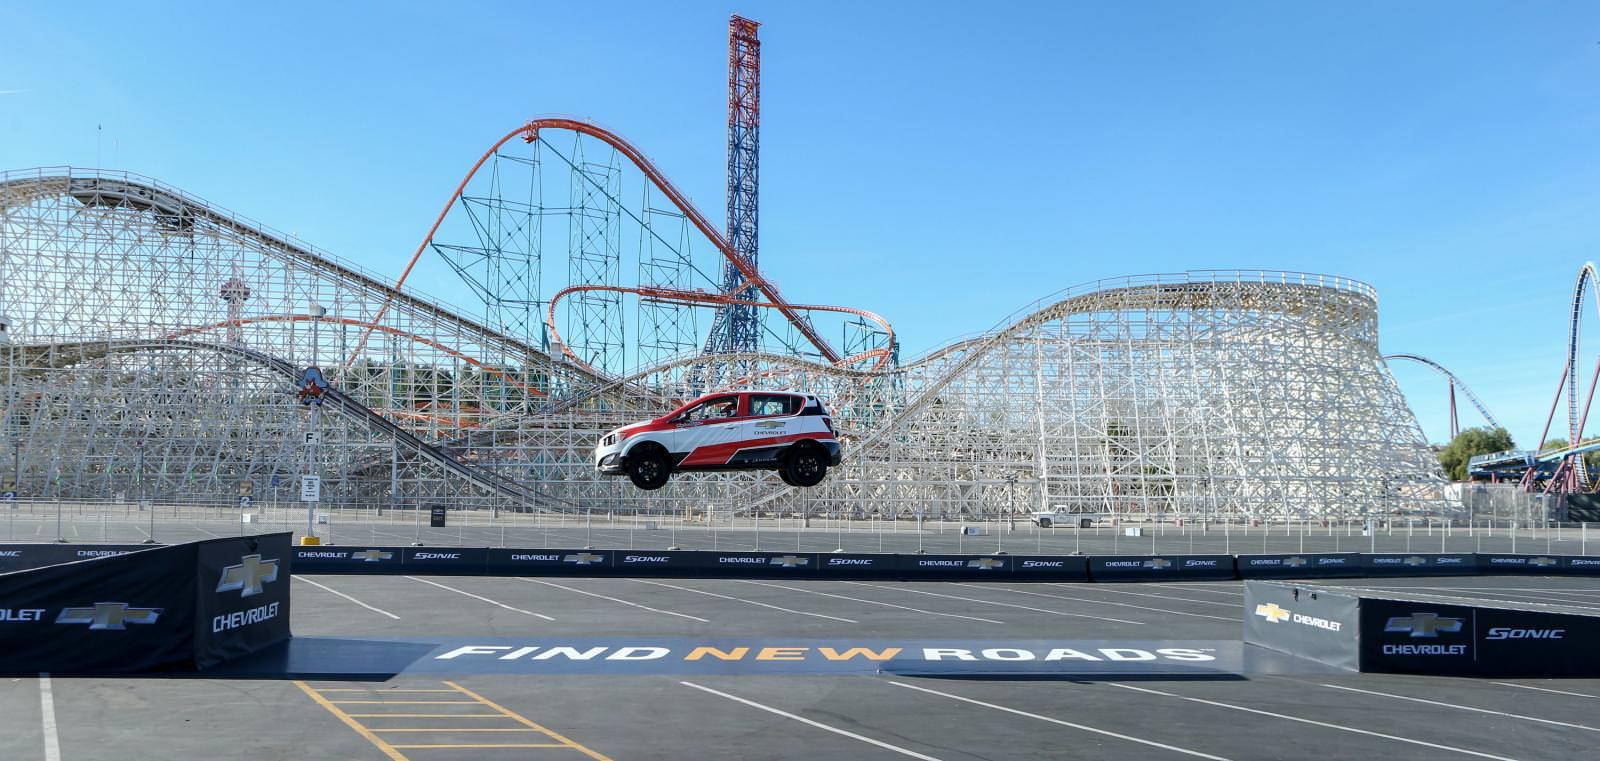 شيفروليه سونيك RS تسجل اطول قفزة خلفية في العالم